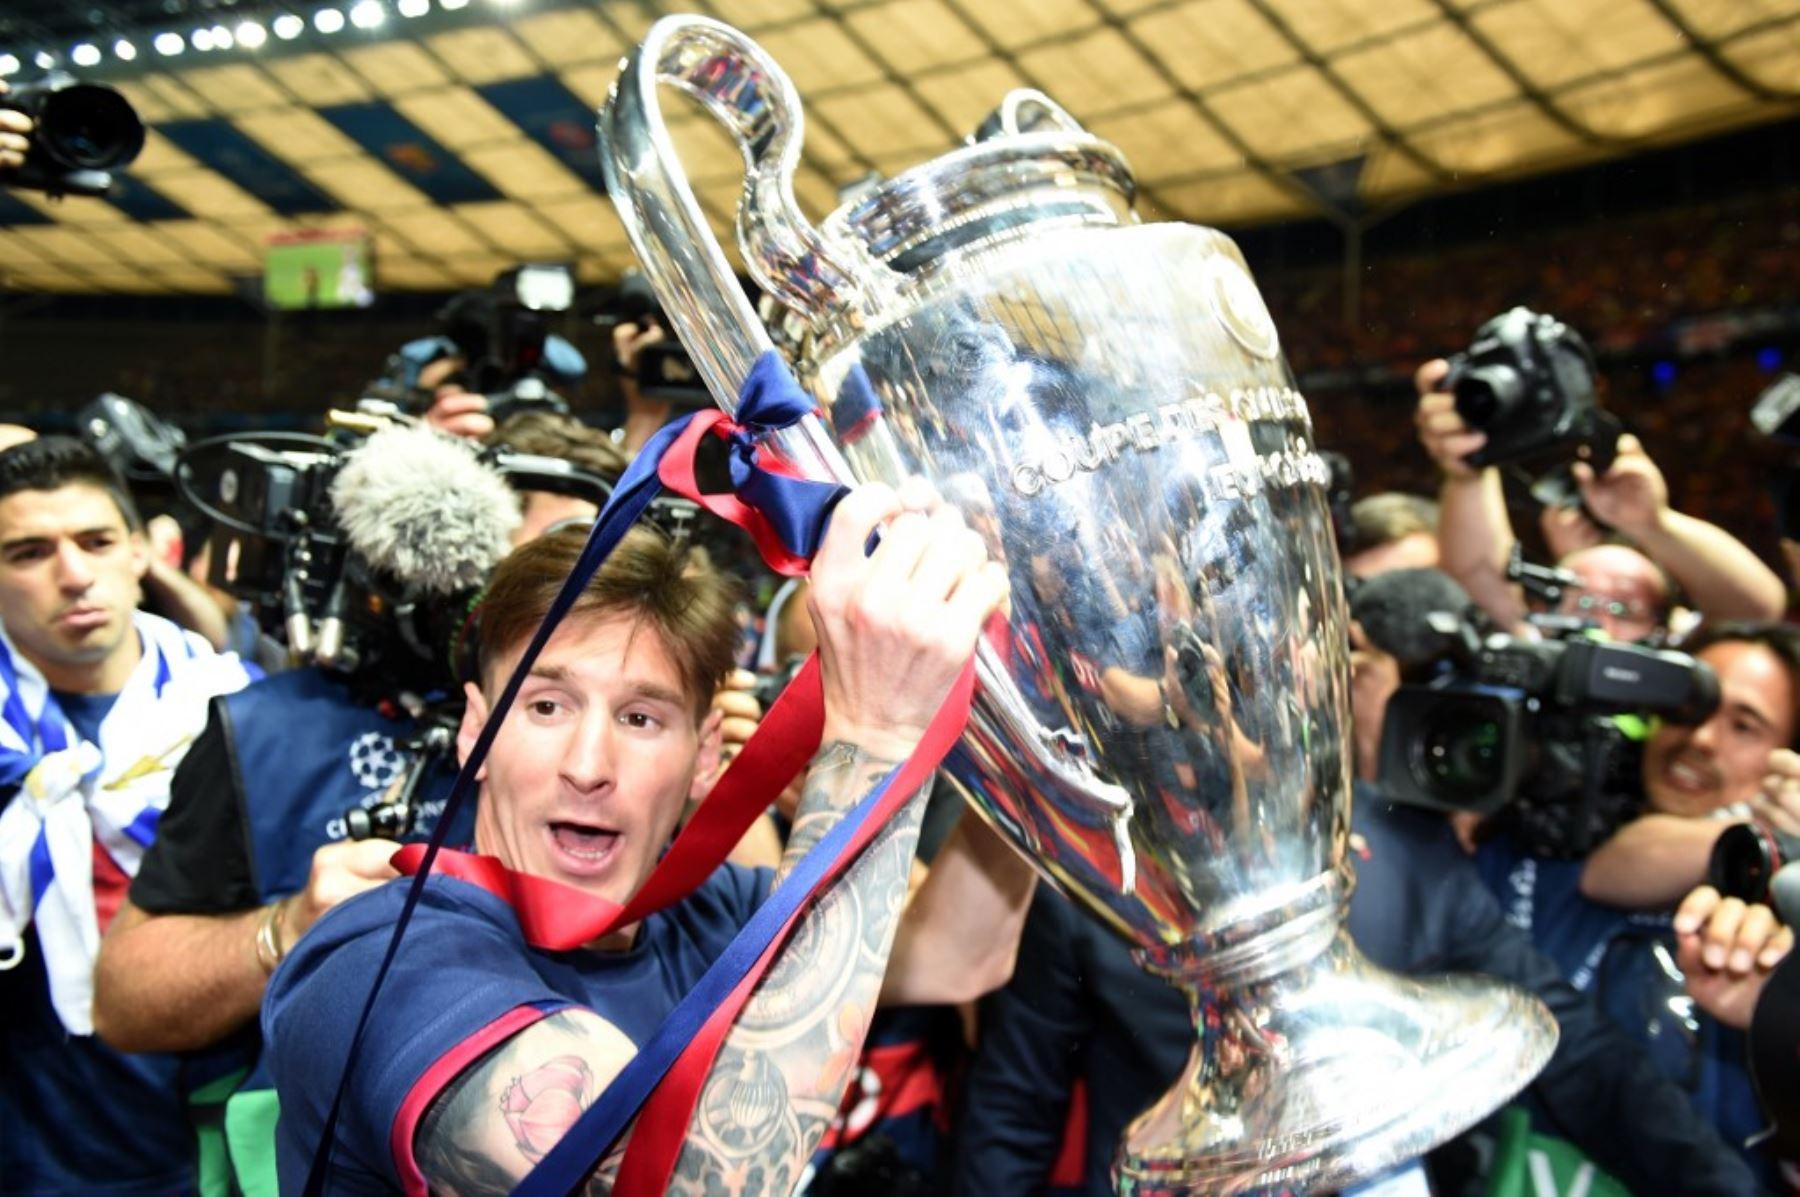 El delantero argentino del Barcelona Lionel Messi celebra con el trofeo tras la final de la UEFA Champions League entre la Juventus y el FC Barcelona en el Estadio Olímpico de Berlín el 6 de junio de 2015. El FC Barcelona ganó el partido 1-3. Foto: AFP